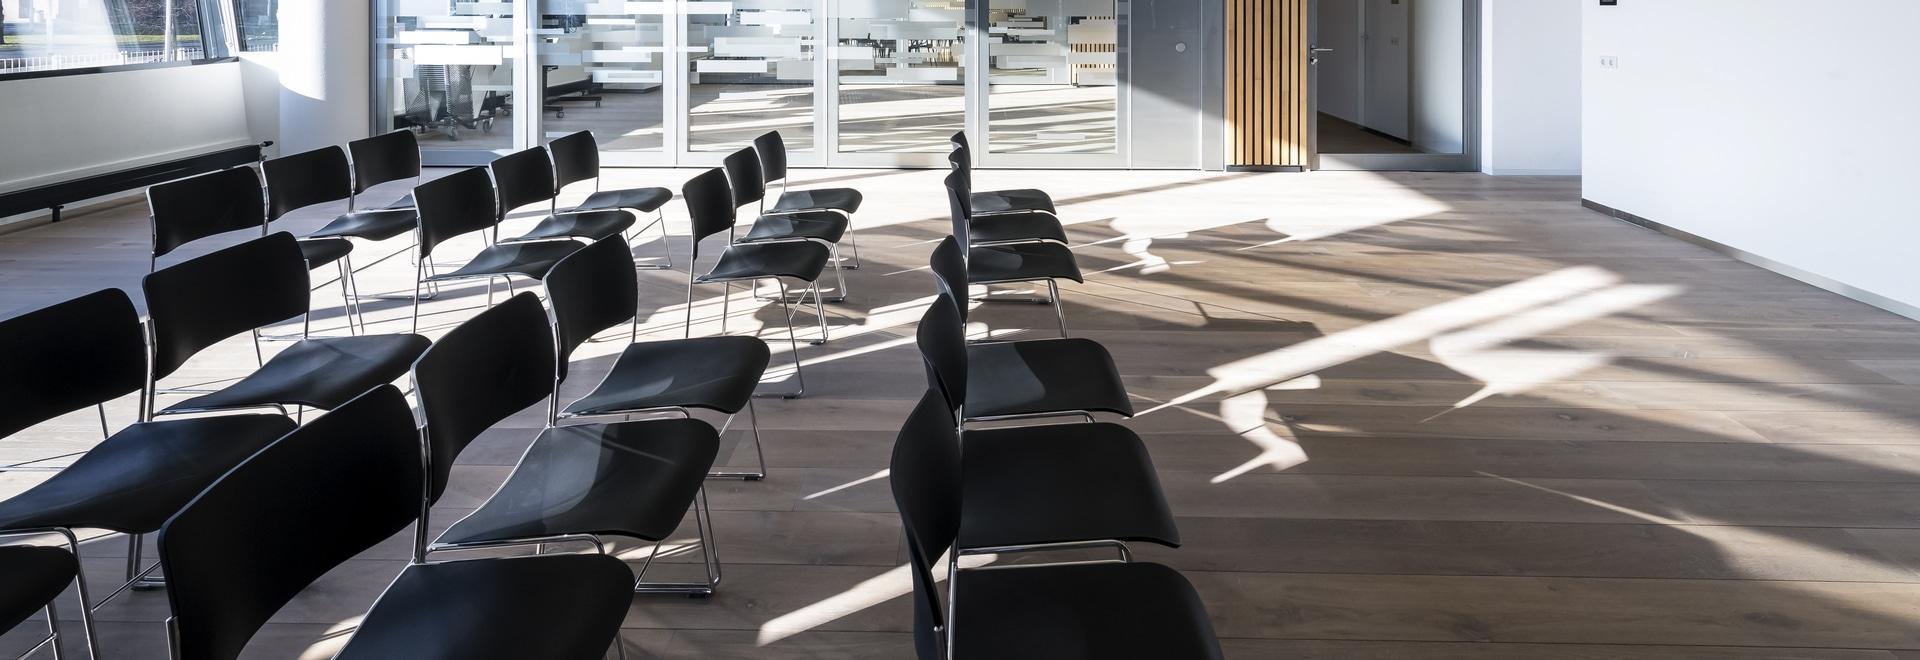 Dennebos FSC certified flooring in G.06 color